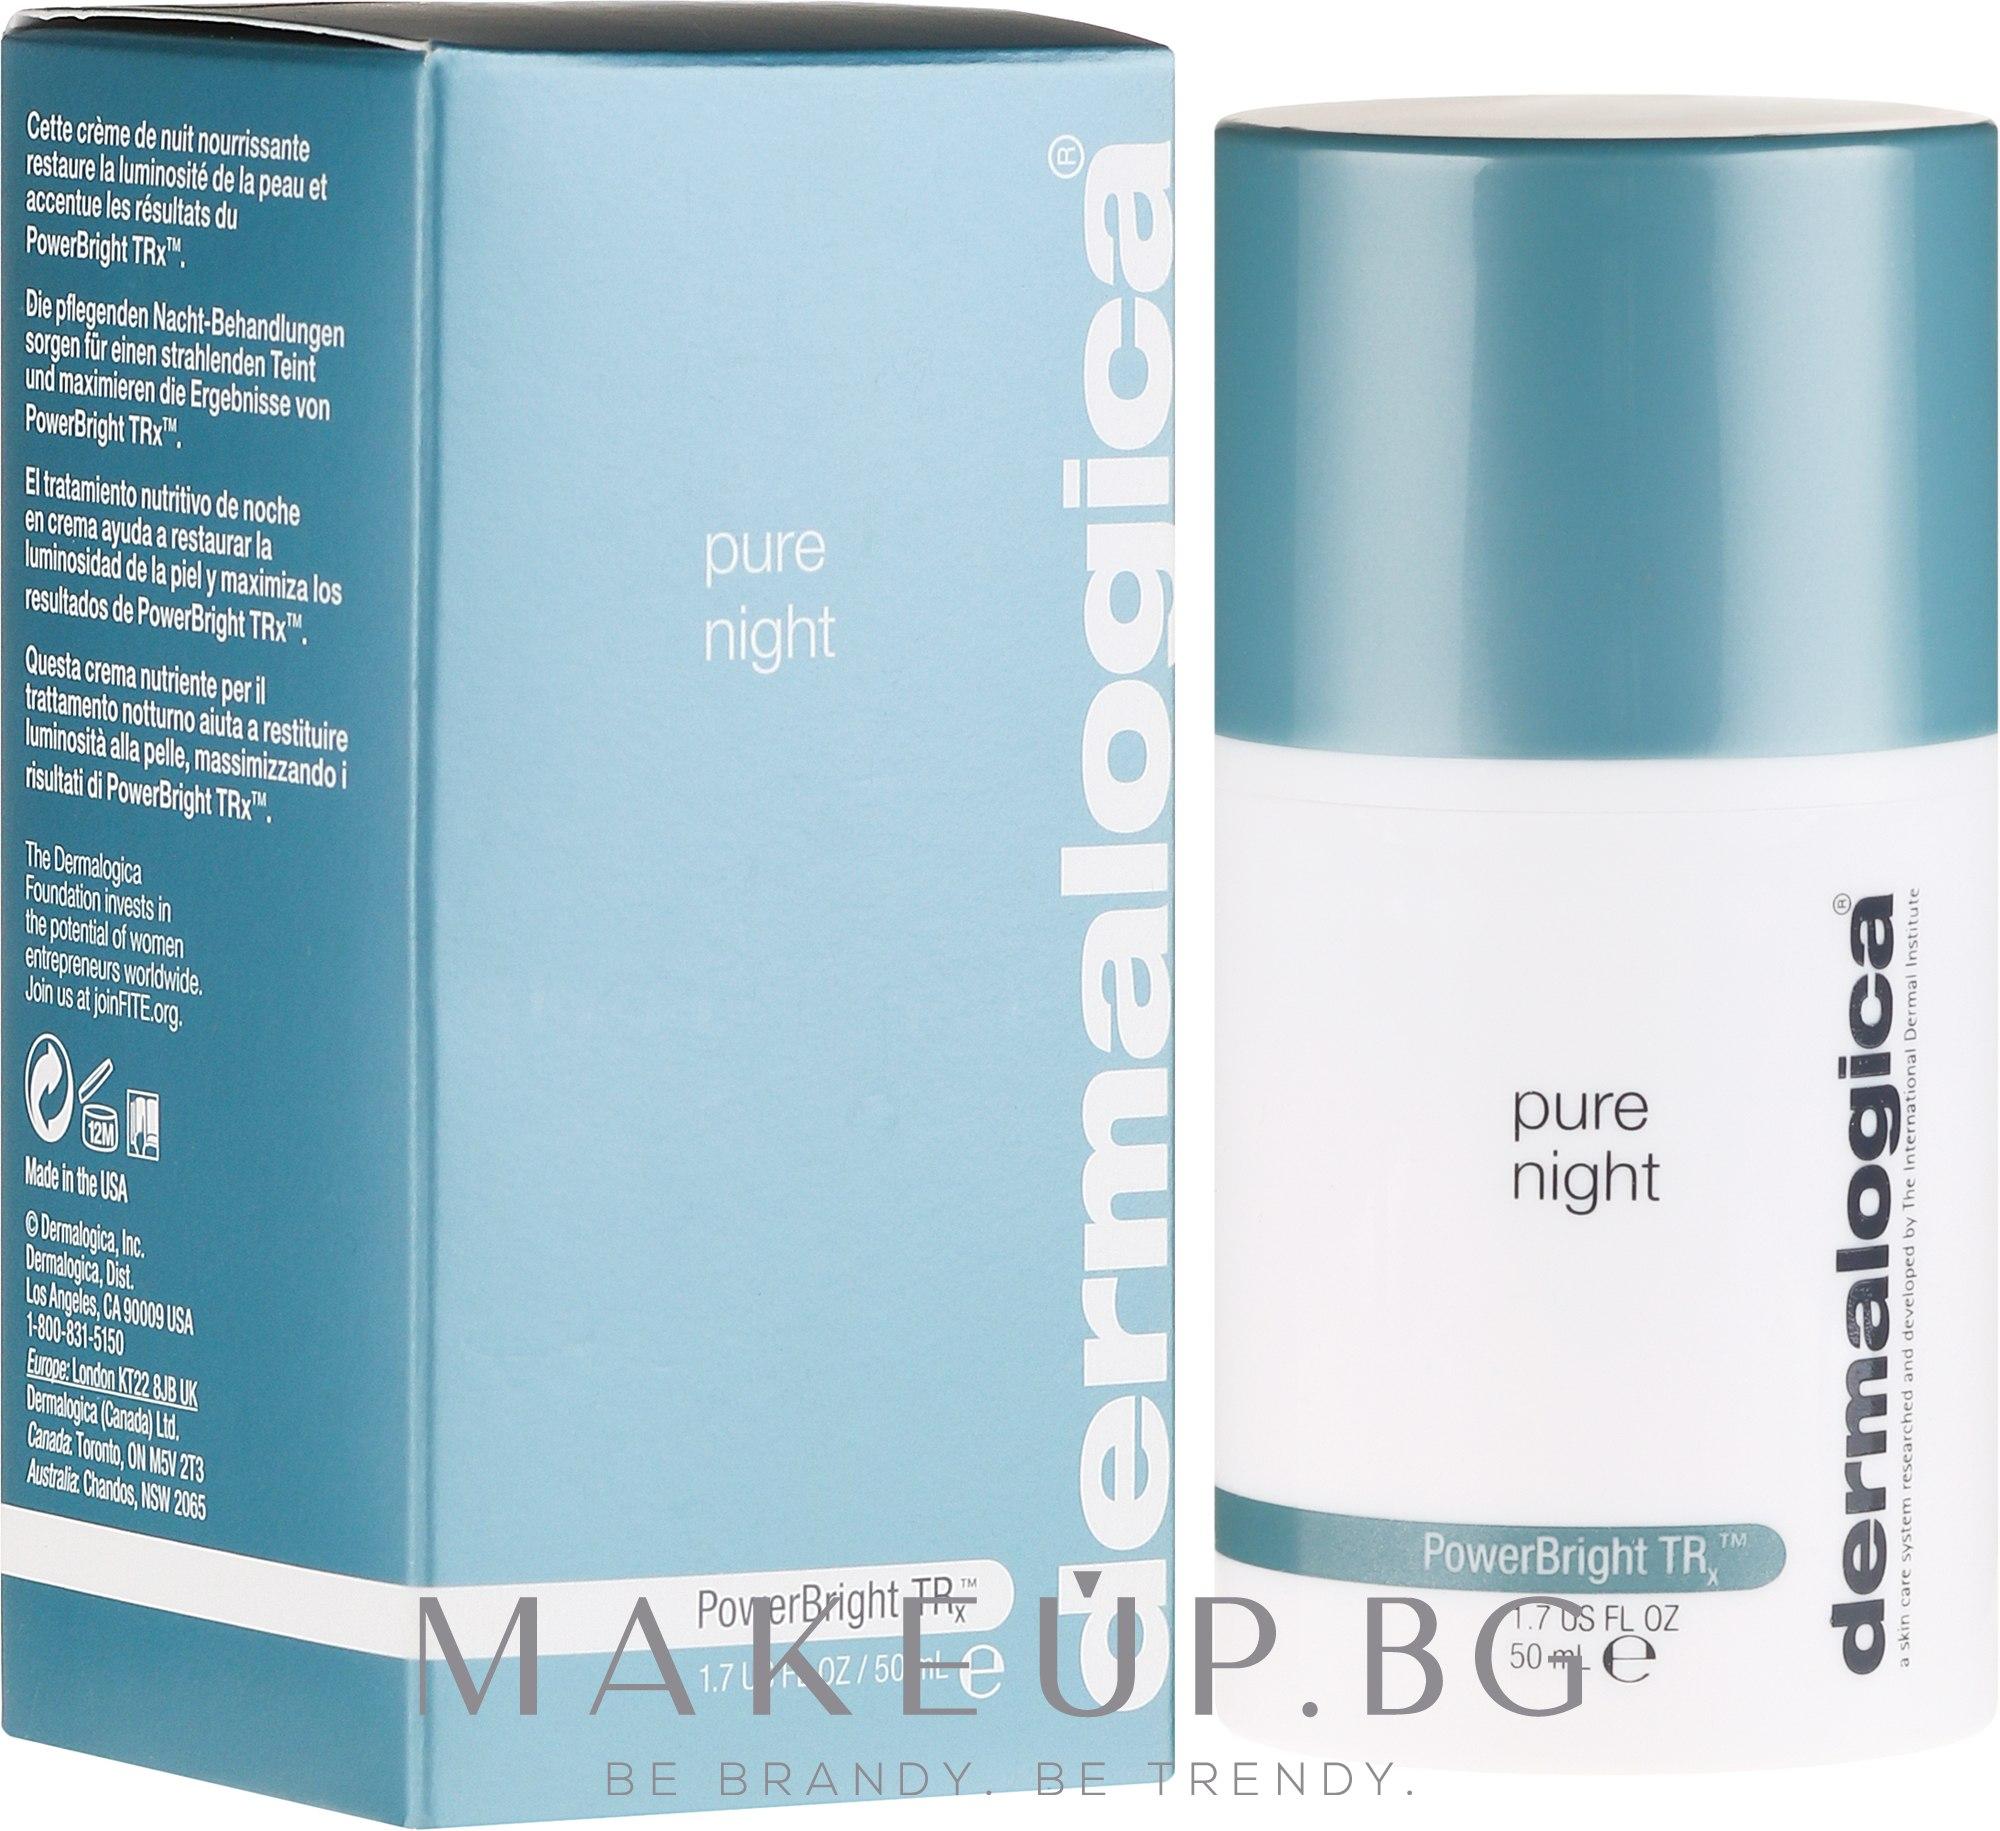 Богат нощен озаряващ крем за лице - Dermalogica PowerBright TRx Pure Night — снимка 50 ml